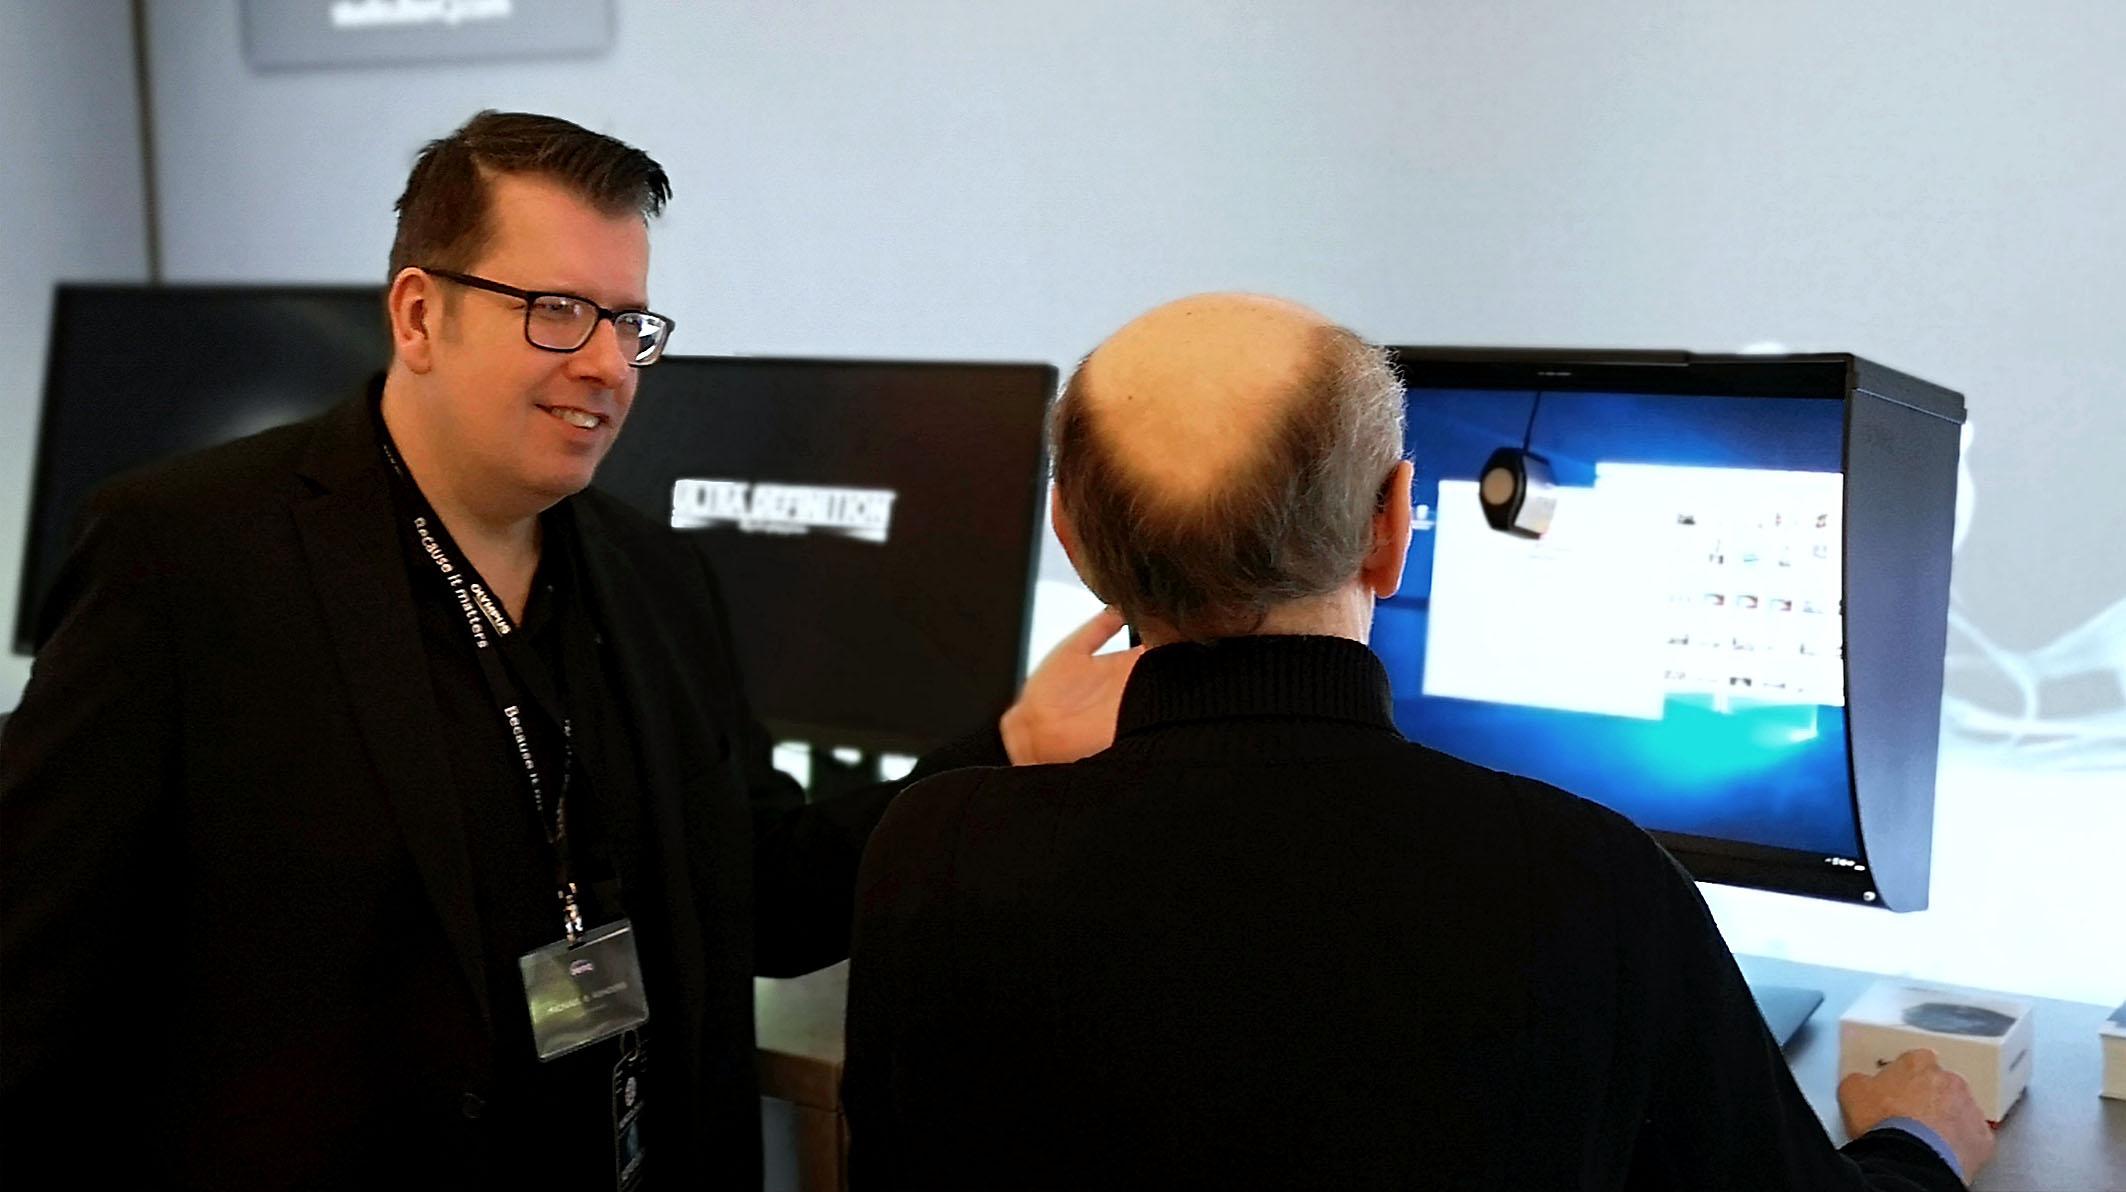 Am Stand von BenQ konnten alle Seminarteilnehmer und Besucher lernen, wie ein Color Management Display kalibriert wird.